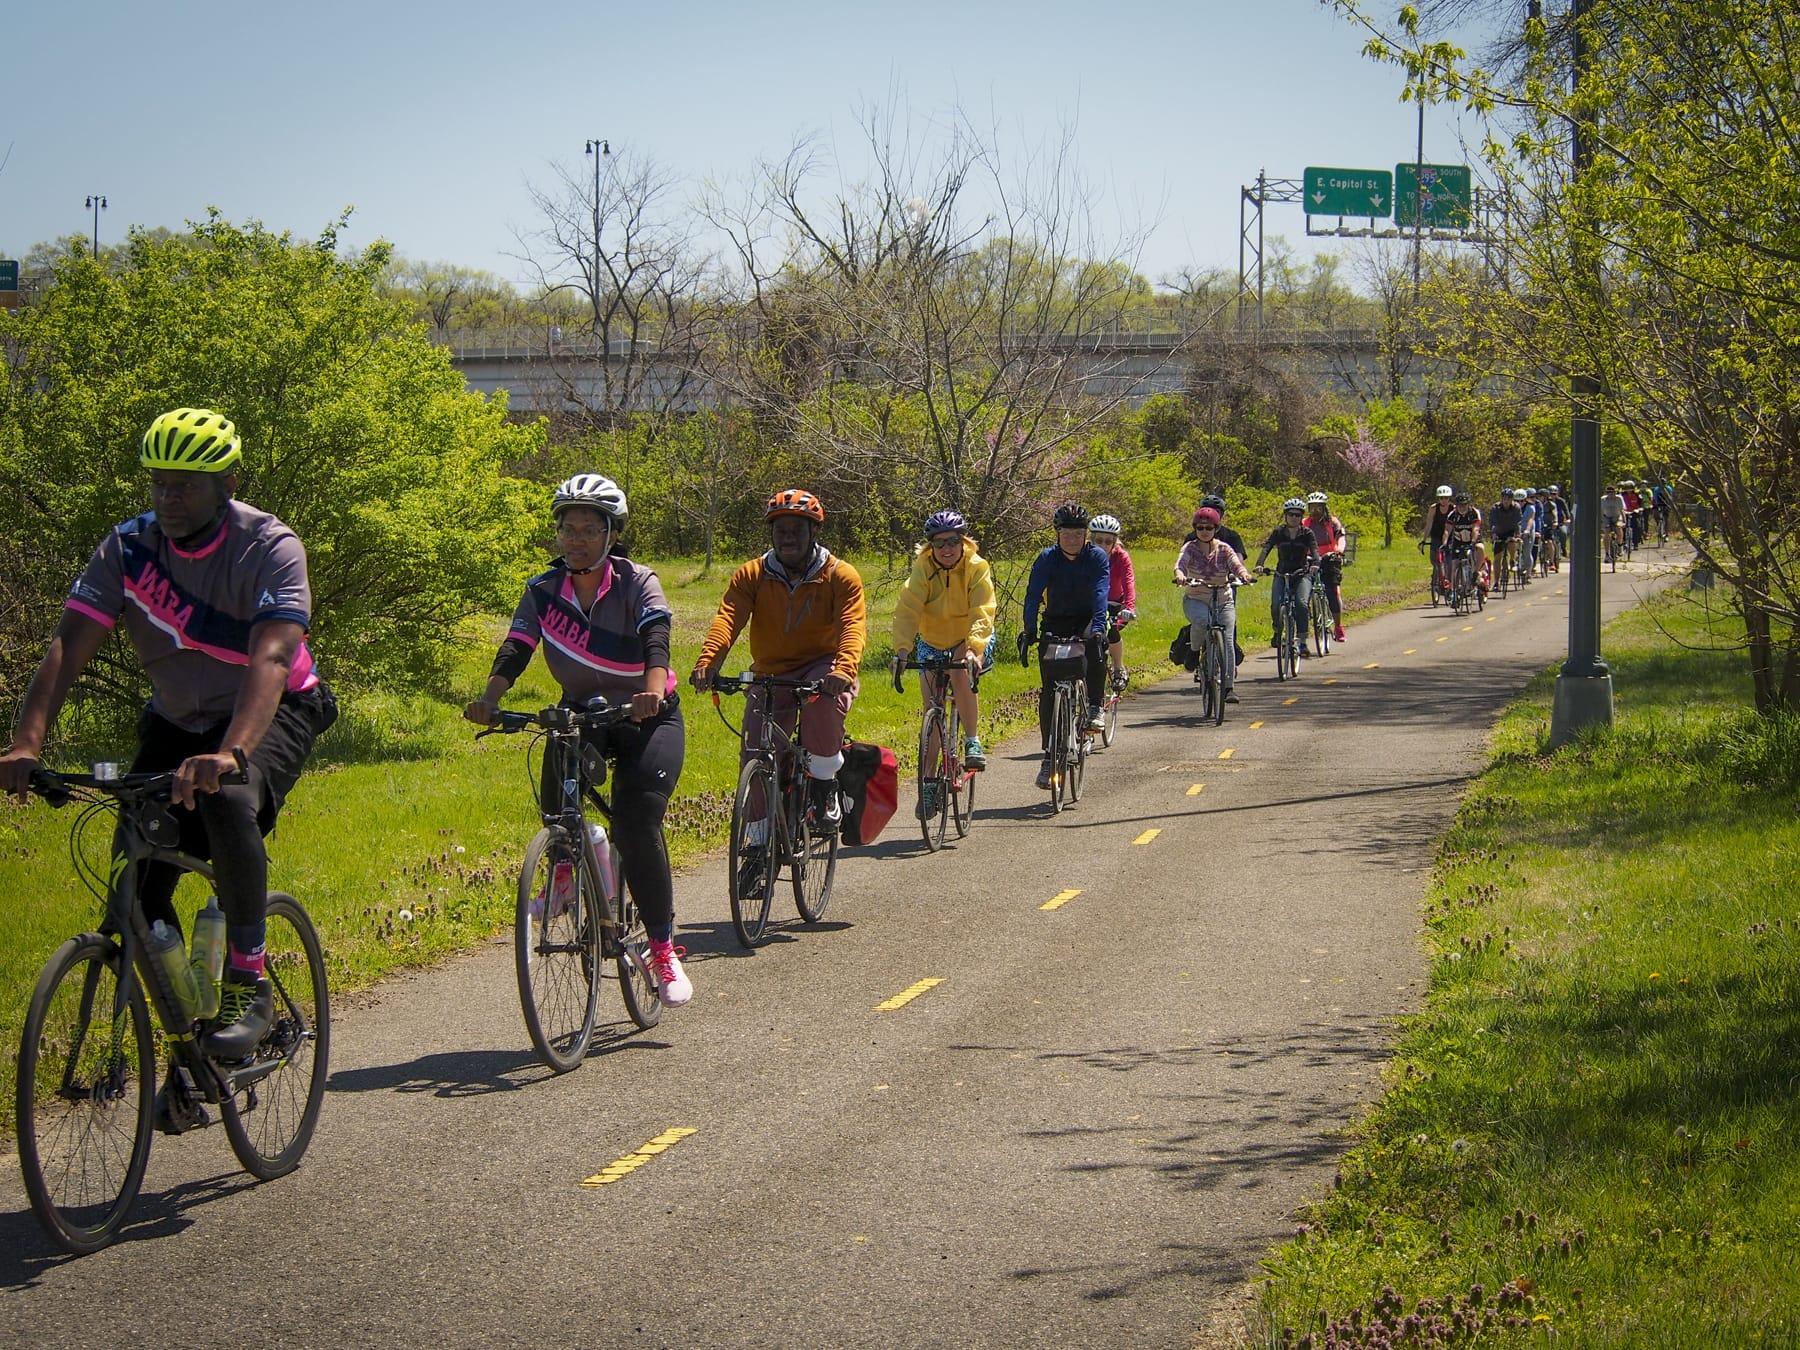 Bikeshare Contingent